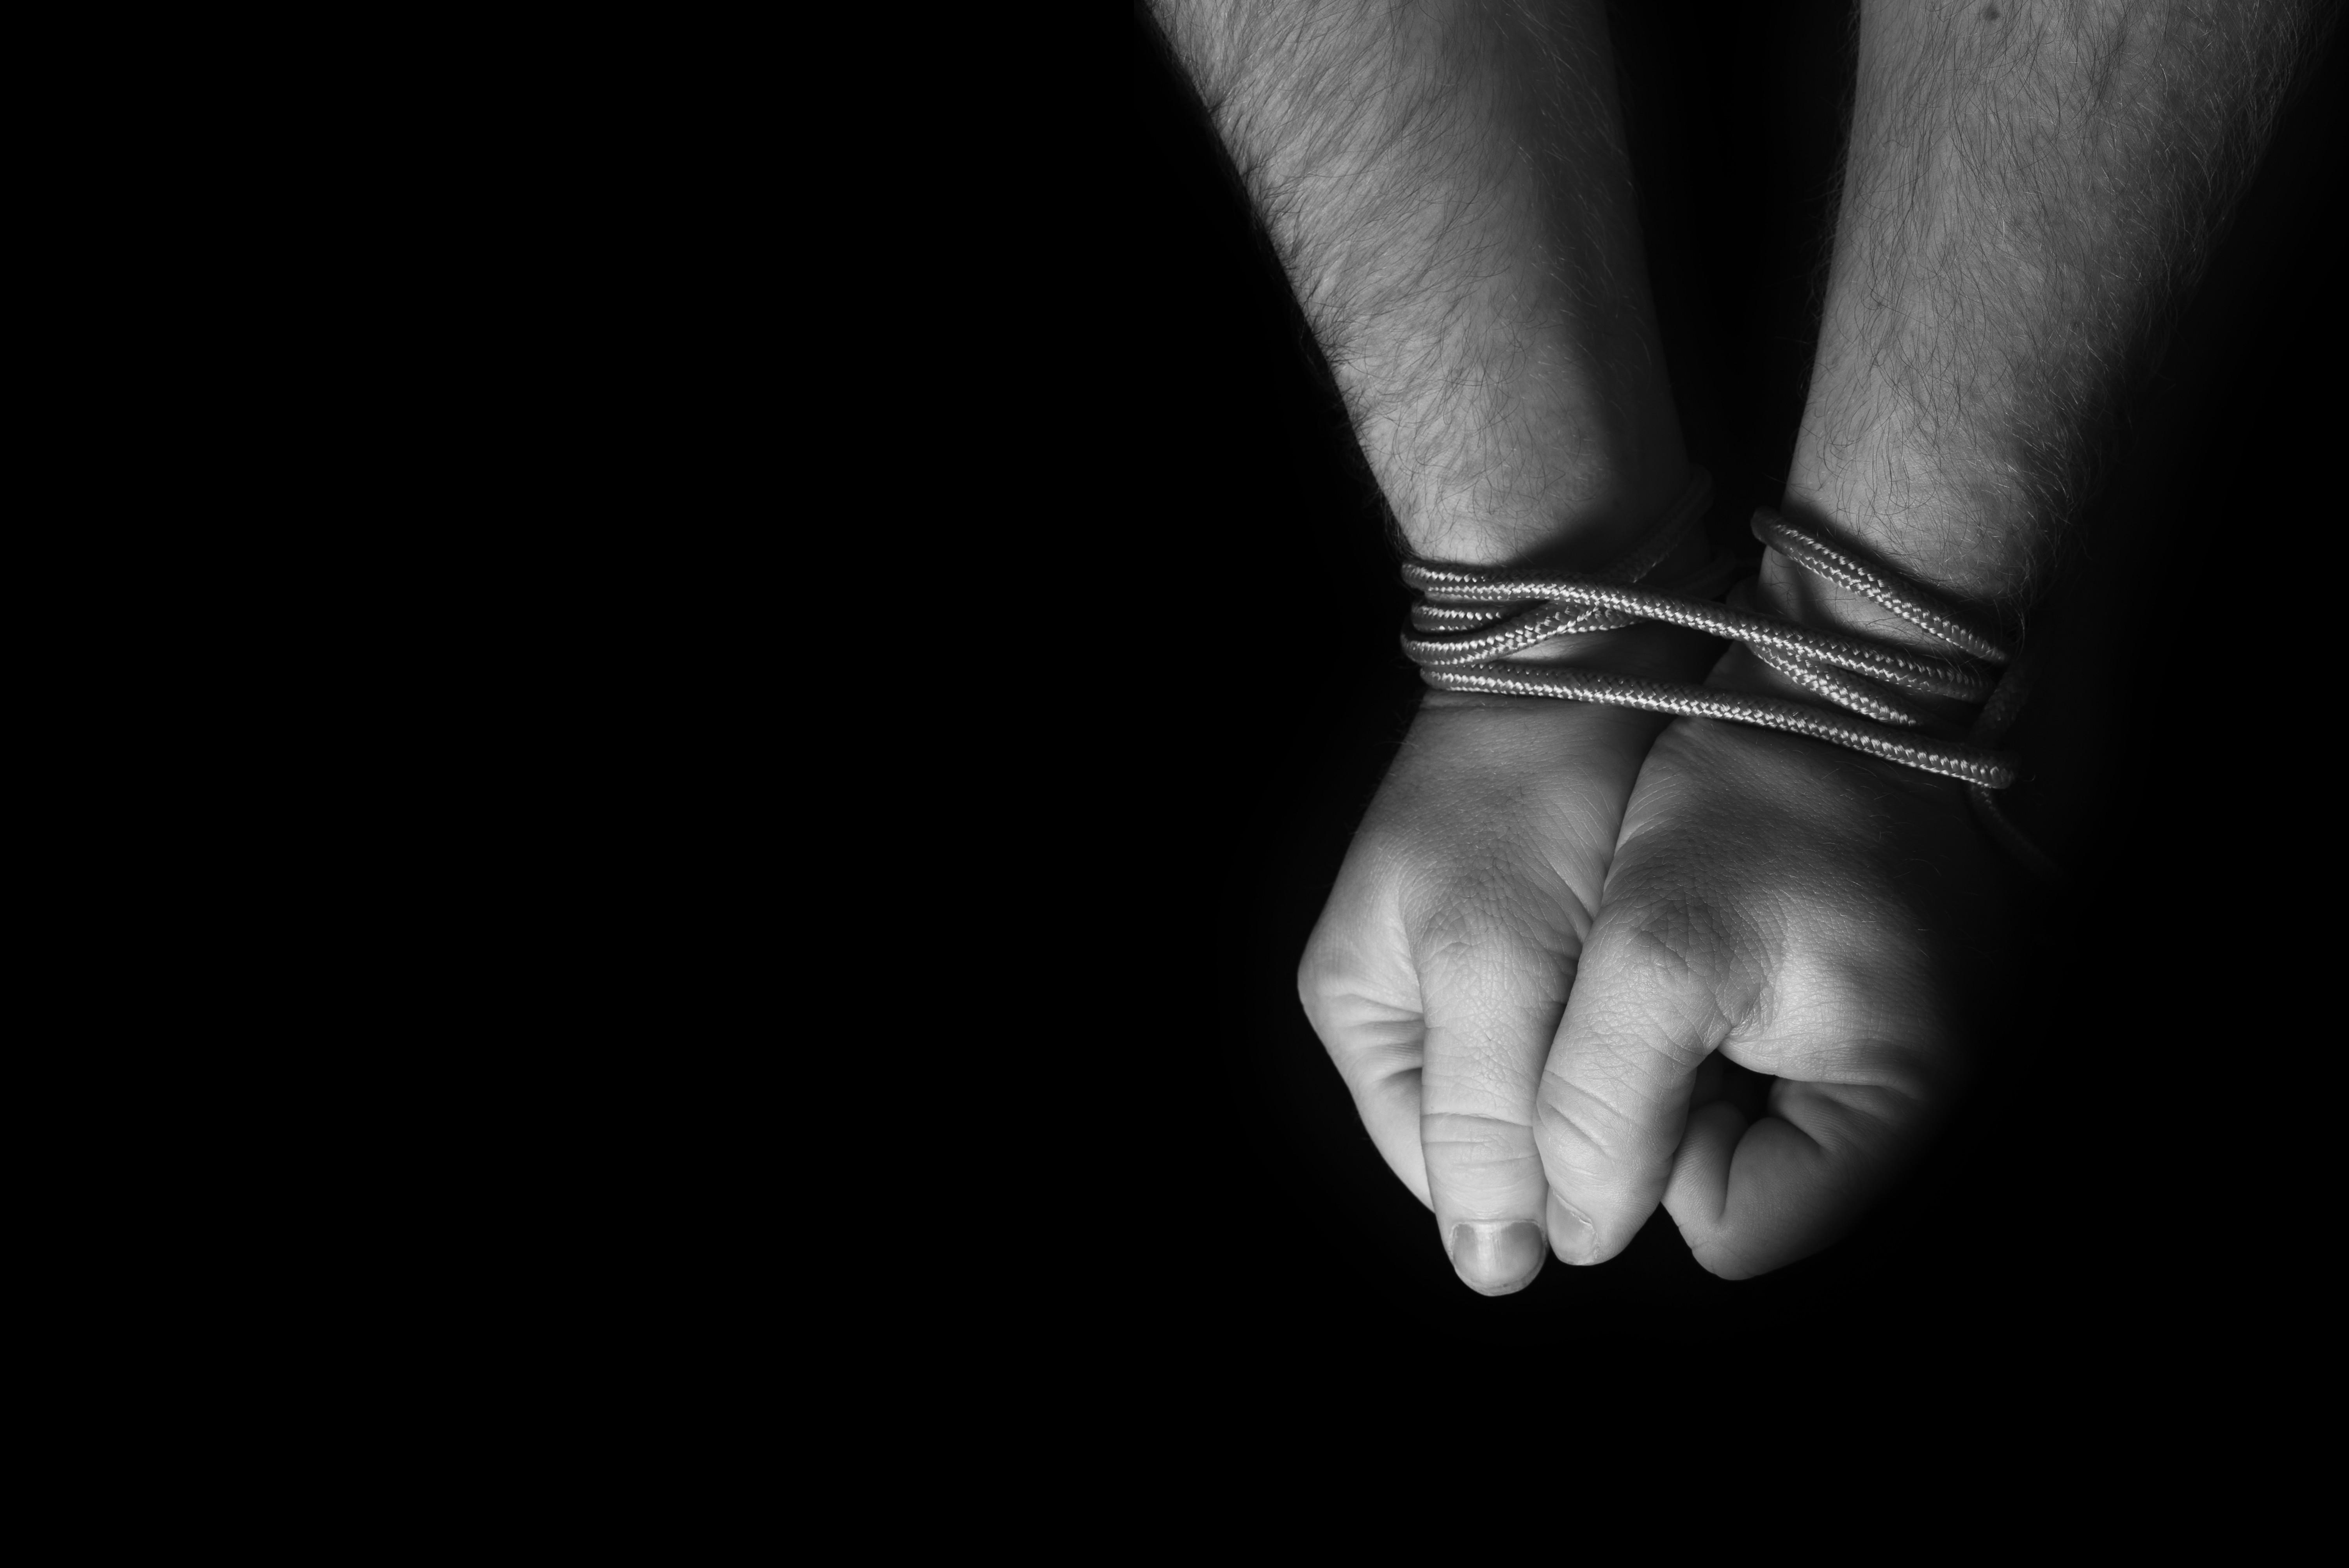 30 luglio: Giornata mondiale contro la tratta di esseri umani